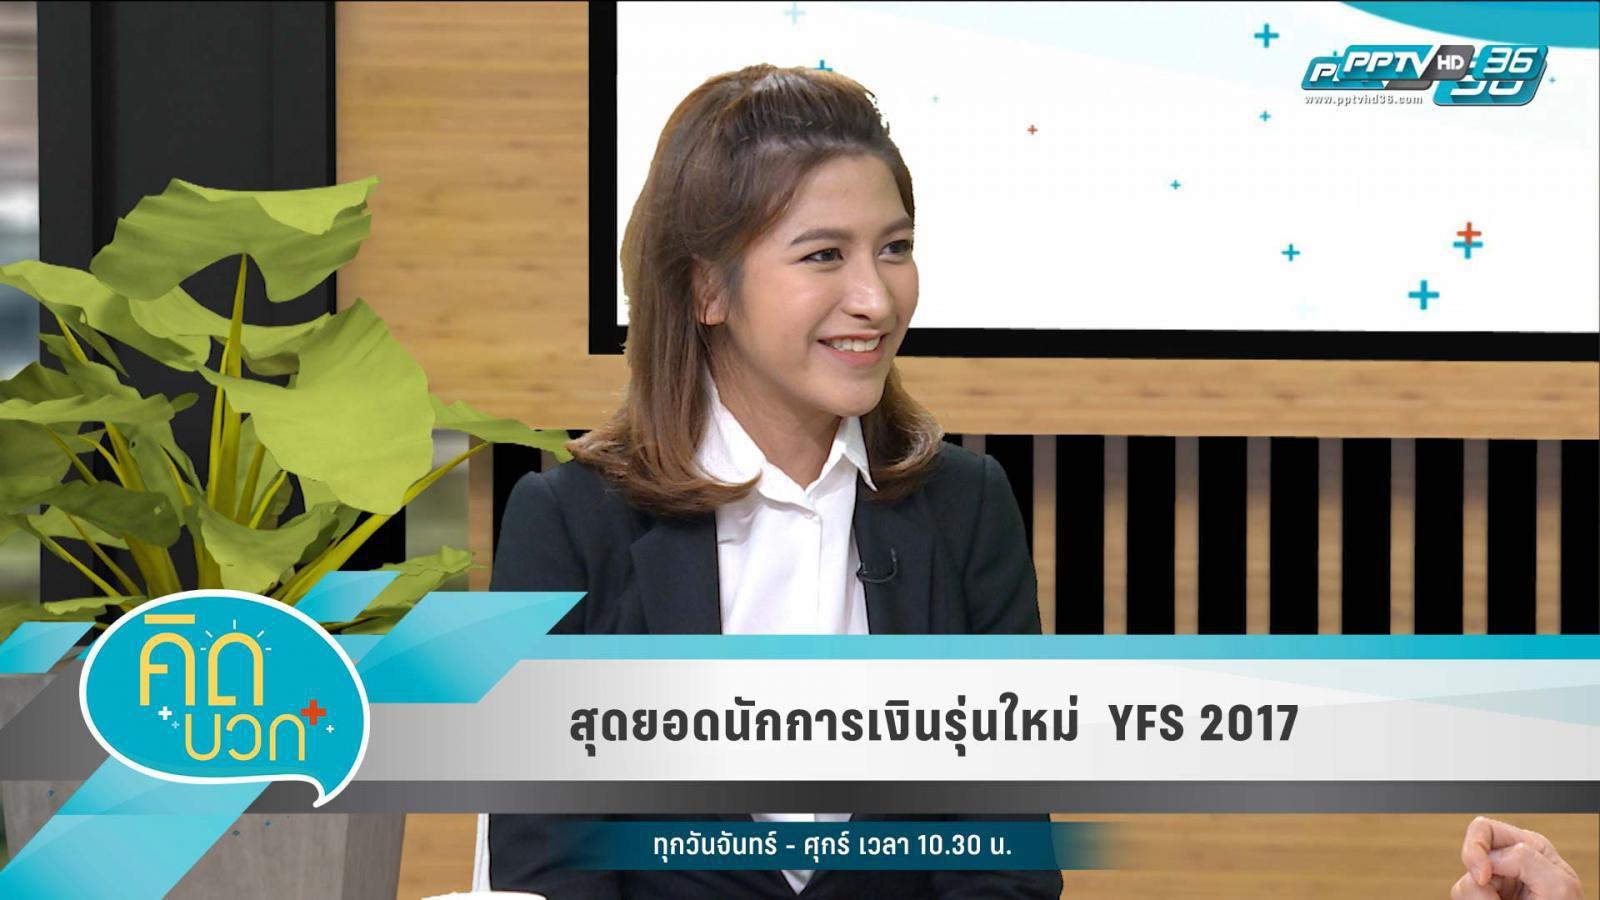 สุดยอดนักการเงินรุ่นใหม่  YFS 2017